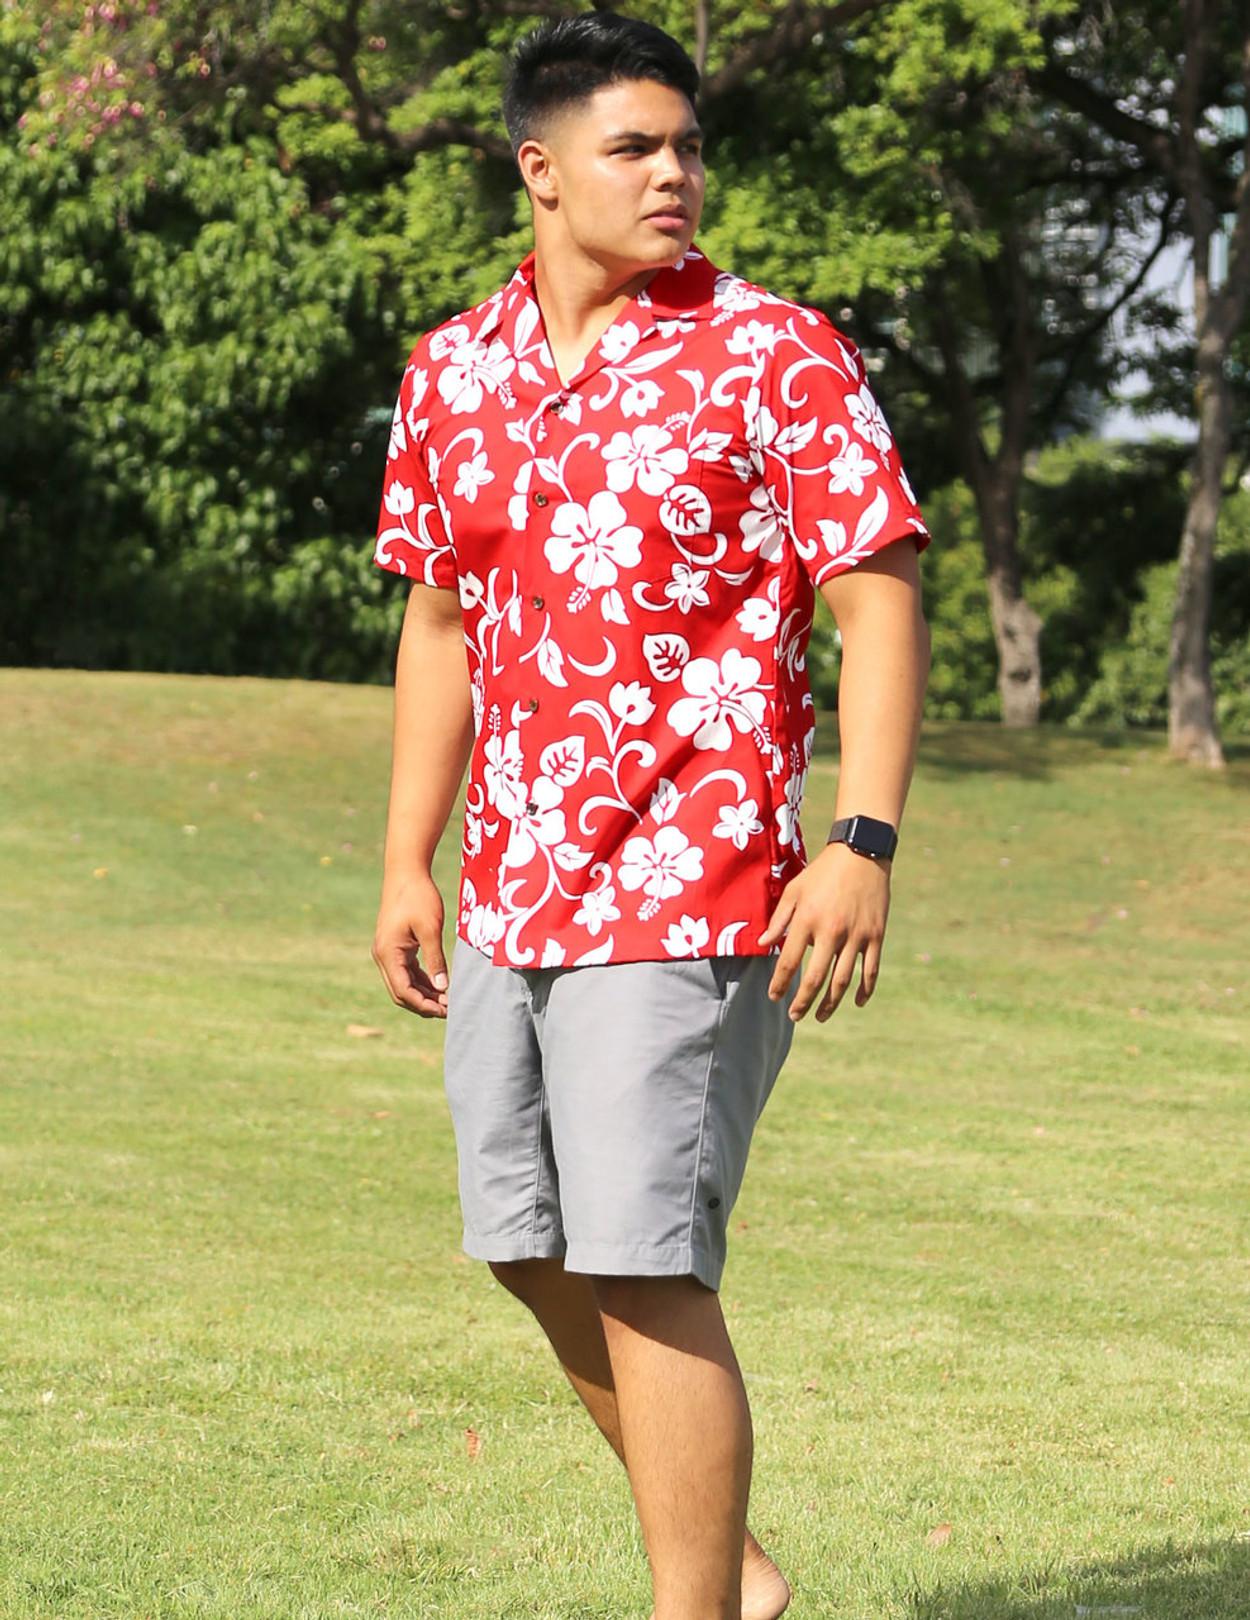 bf774a68a2 Aloha Shirt Classic Hibiscus